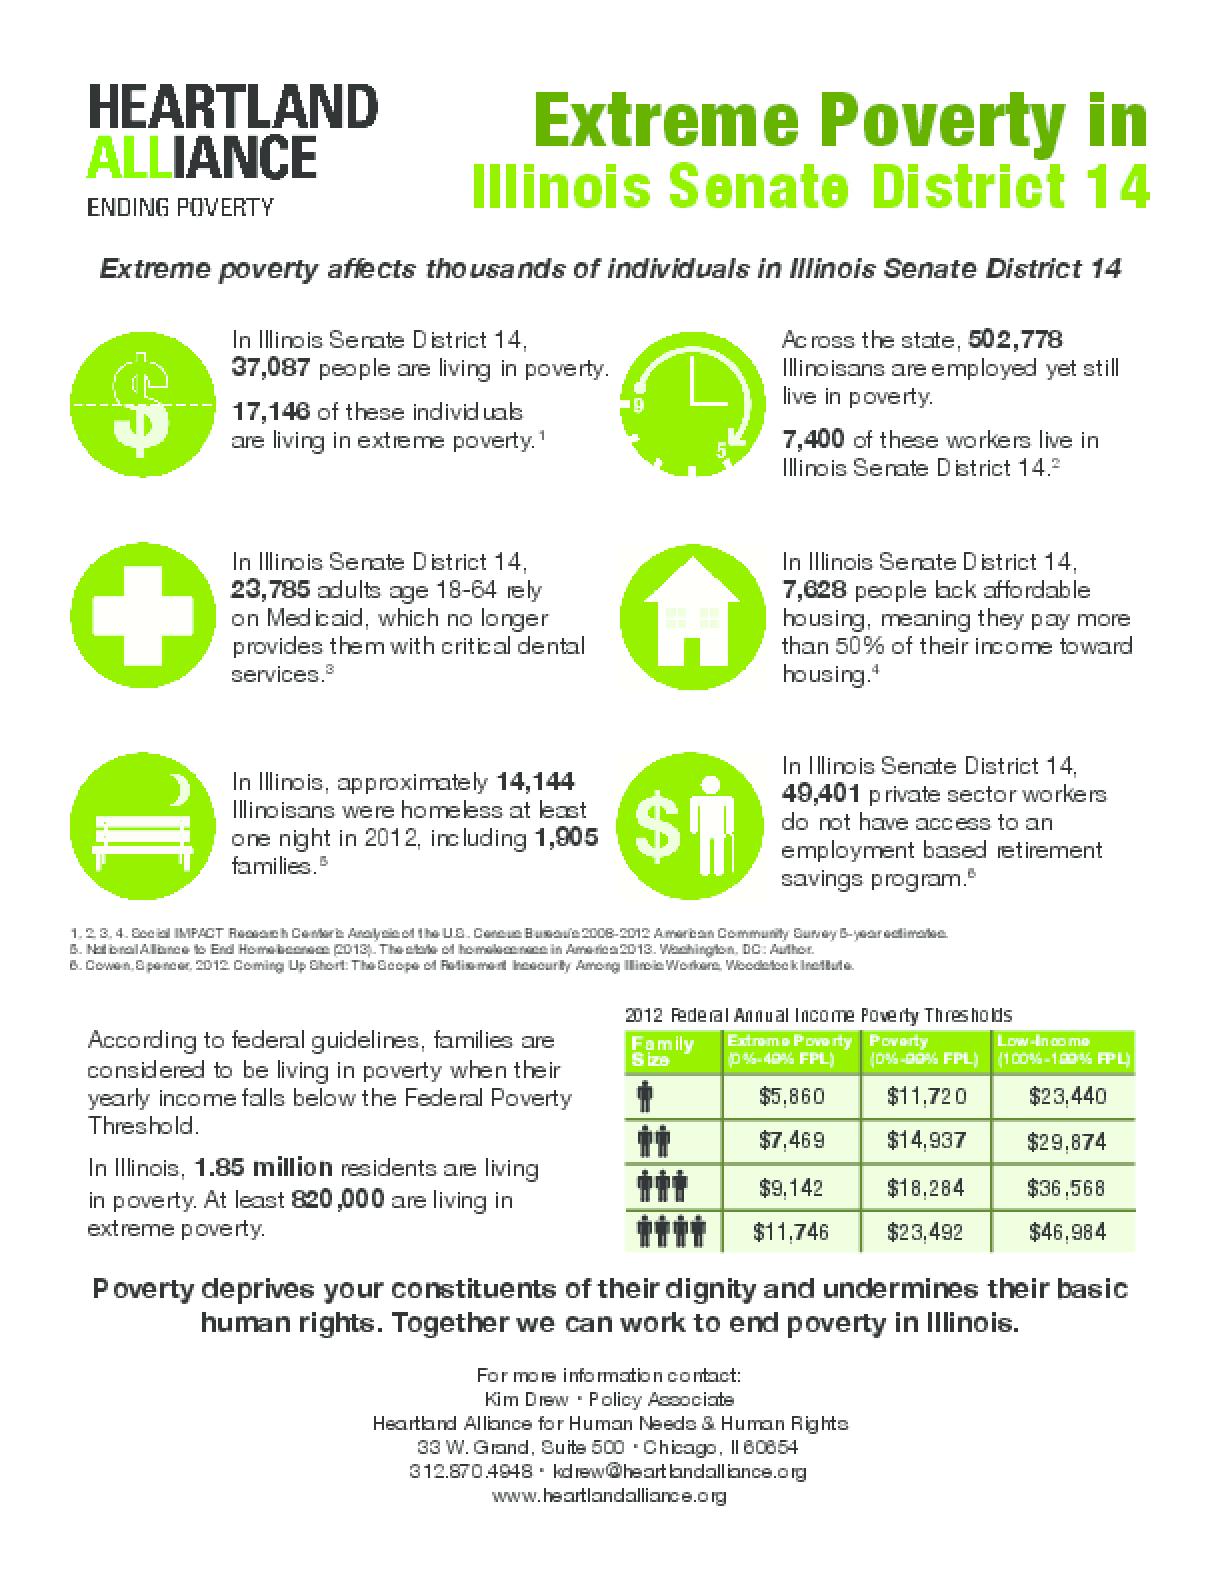 Poverty Fact Sheet for Illinois Senate District 14